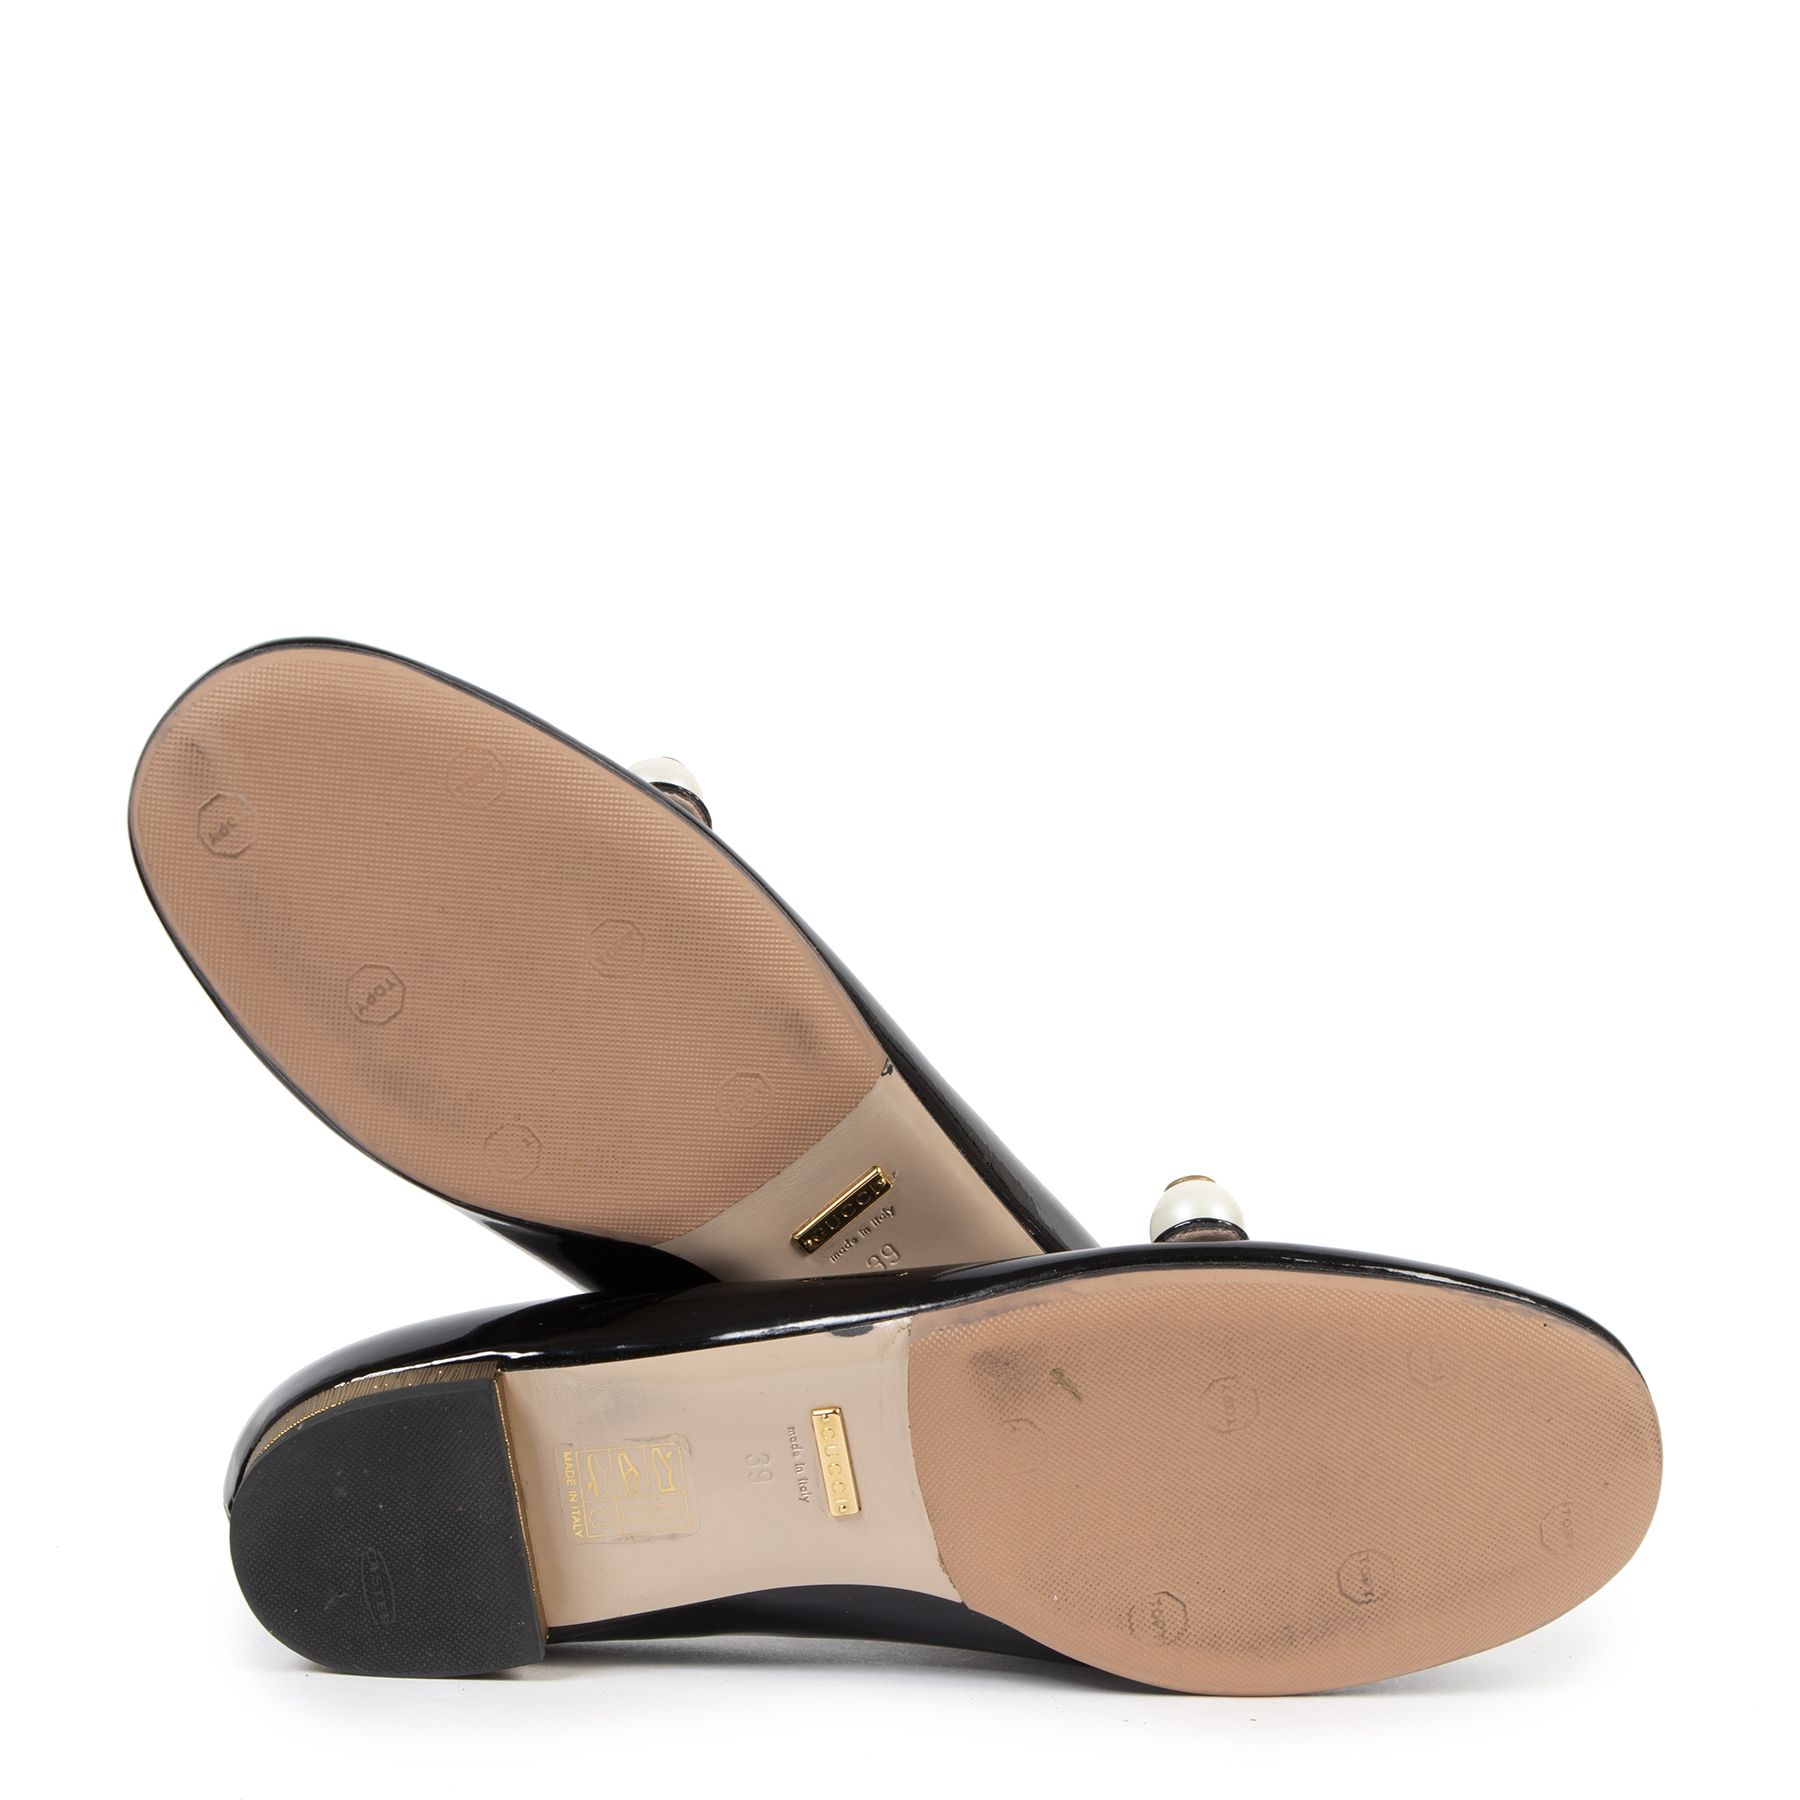 Gucci Black Patent Ballet Flats - Size EU39